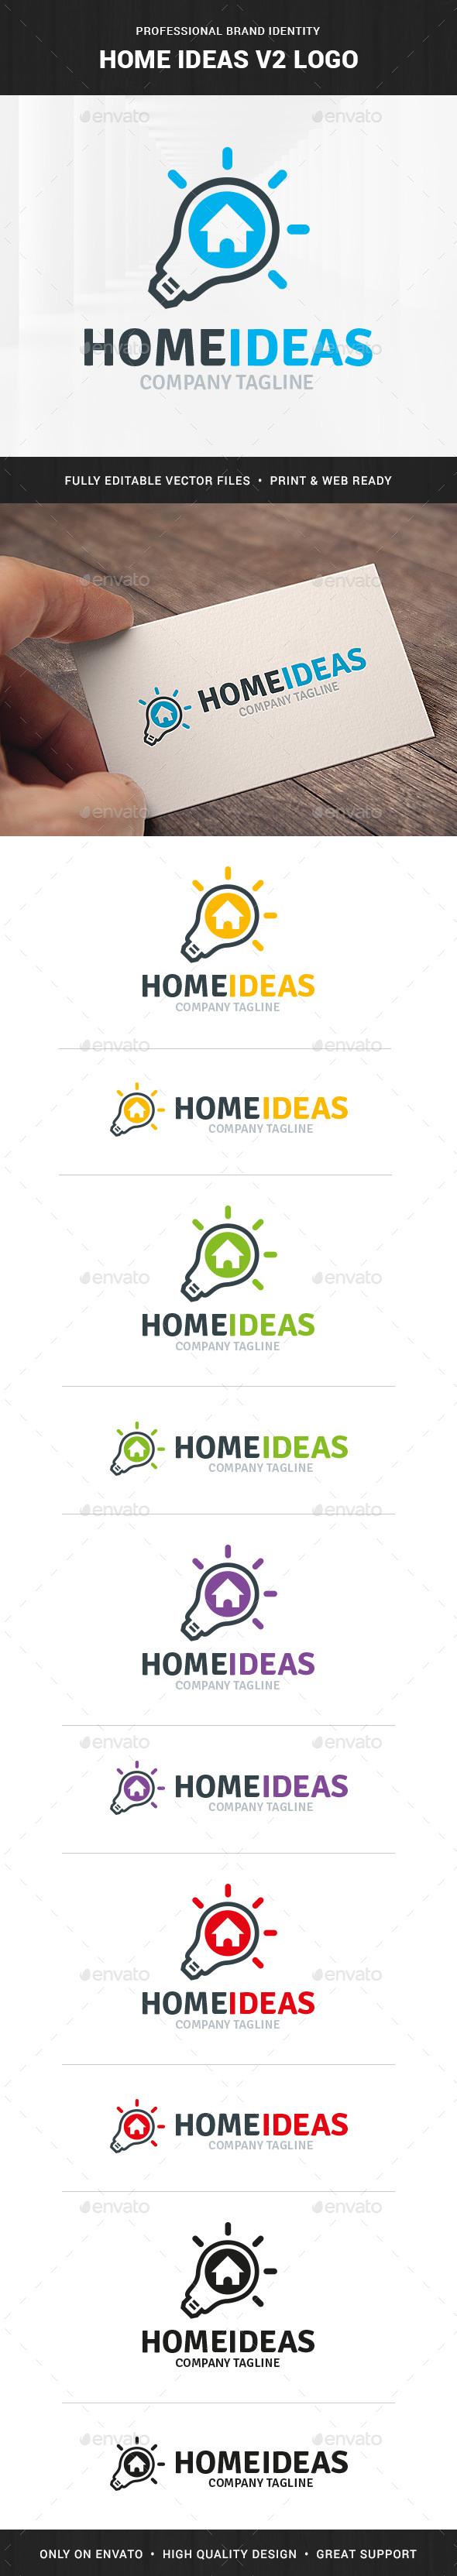 Home Ideas V2 Logo Template